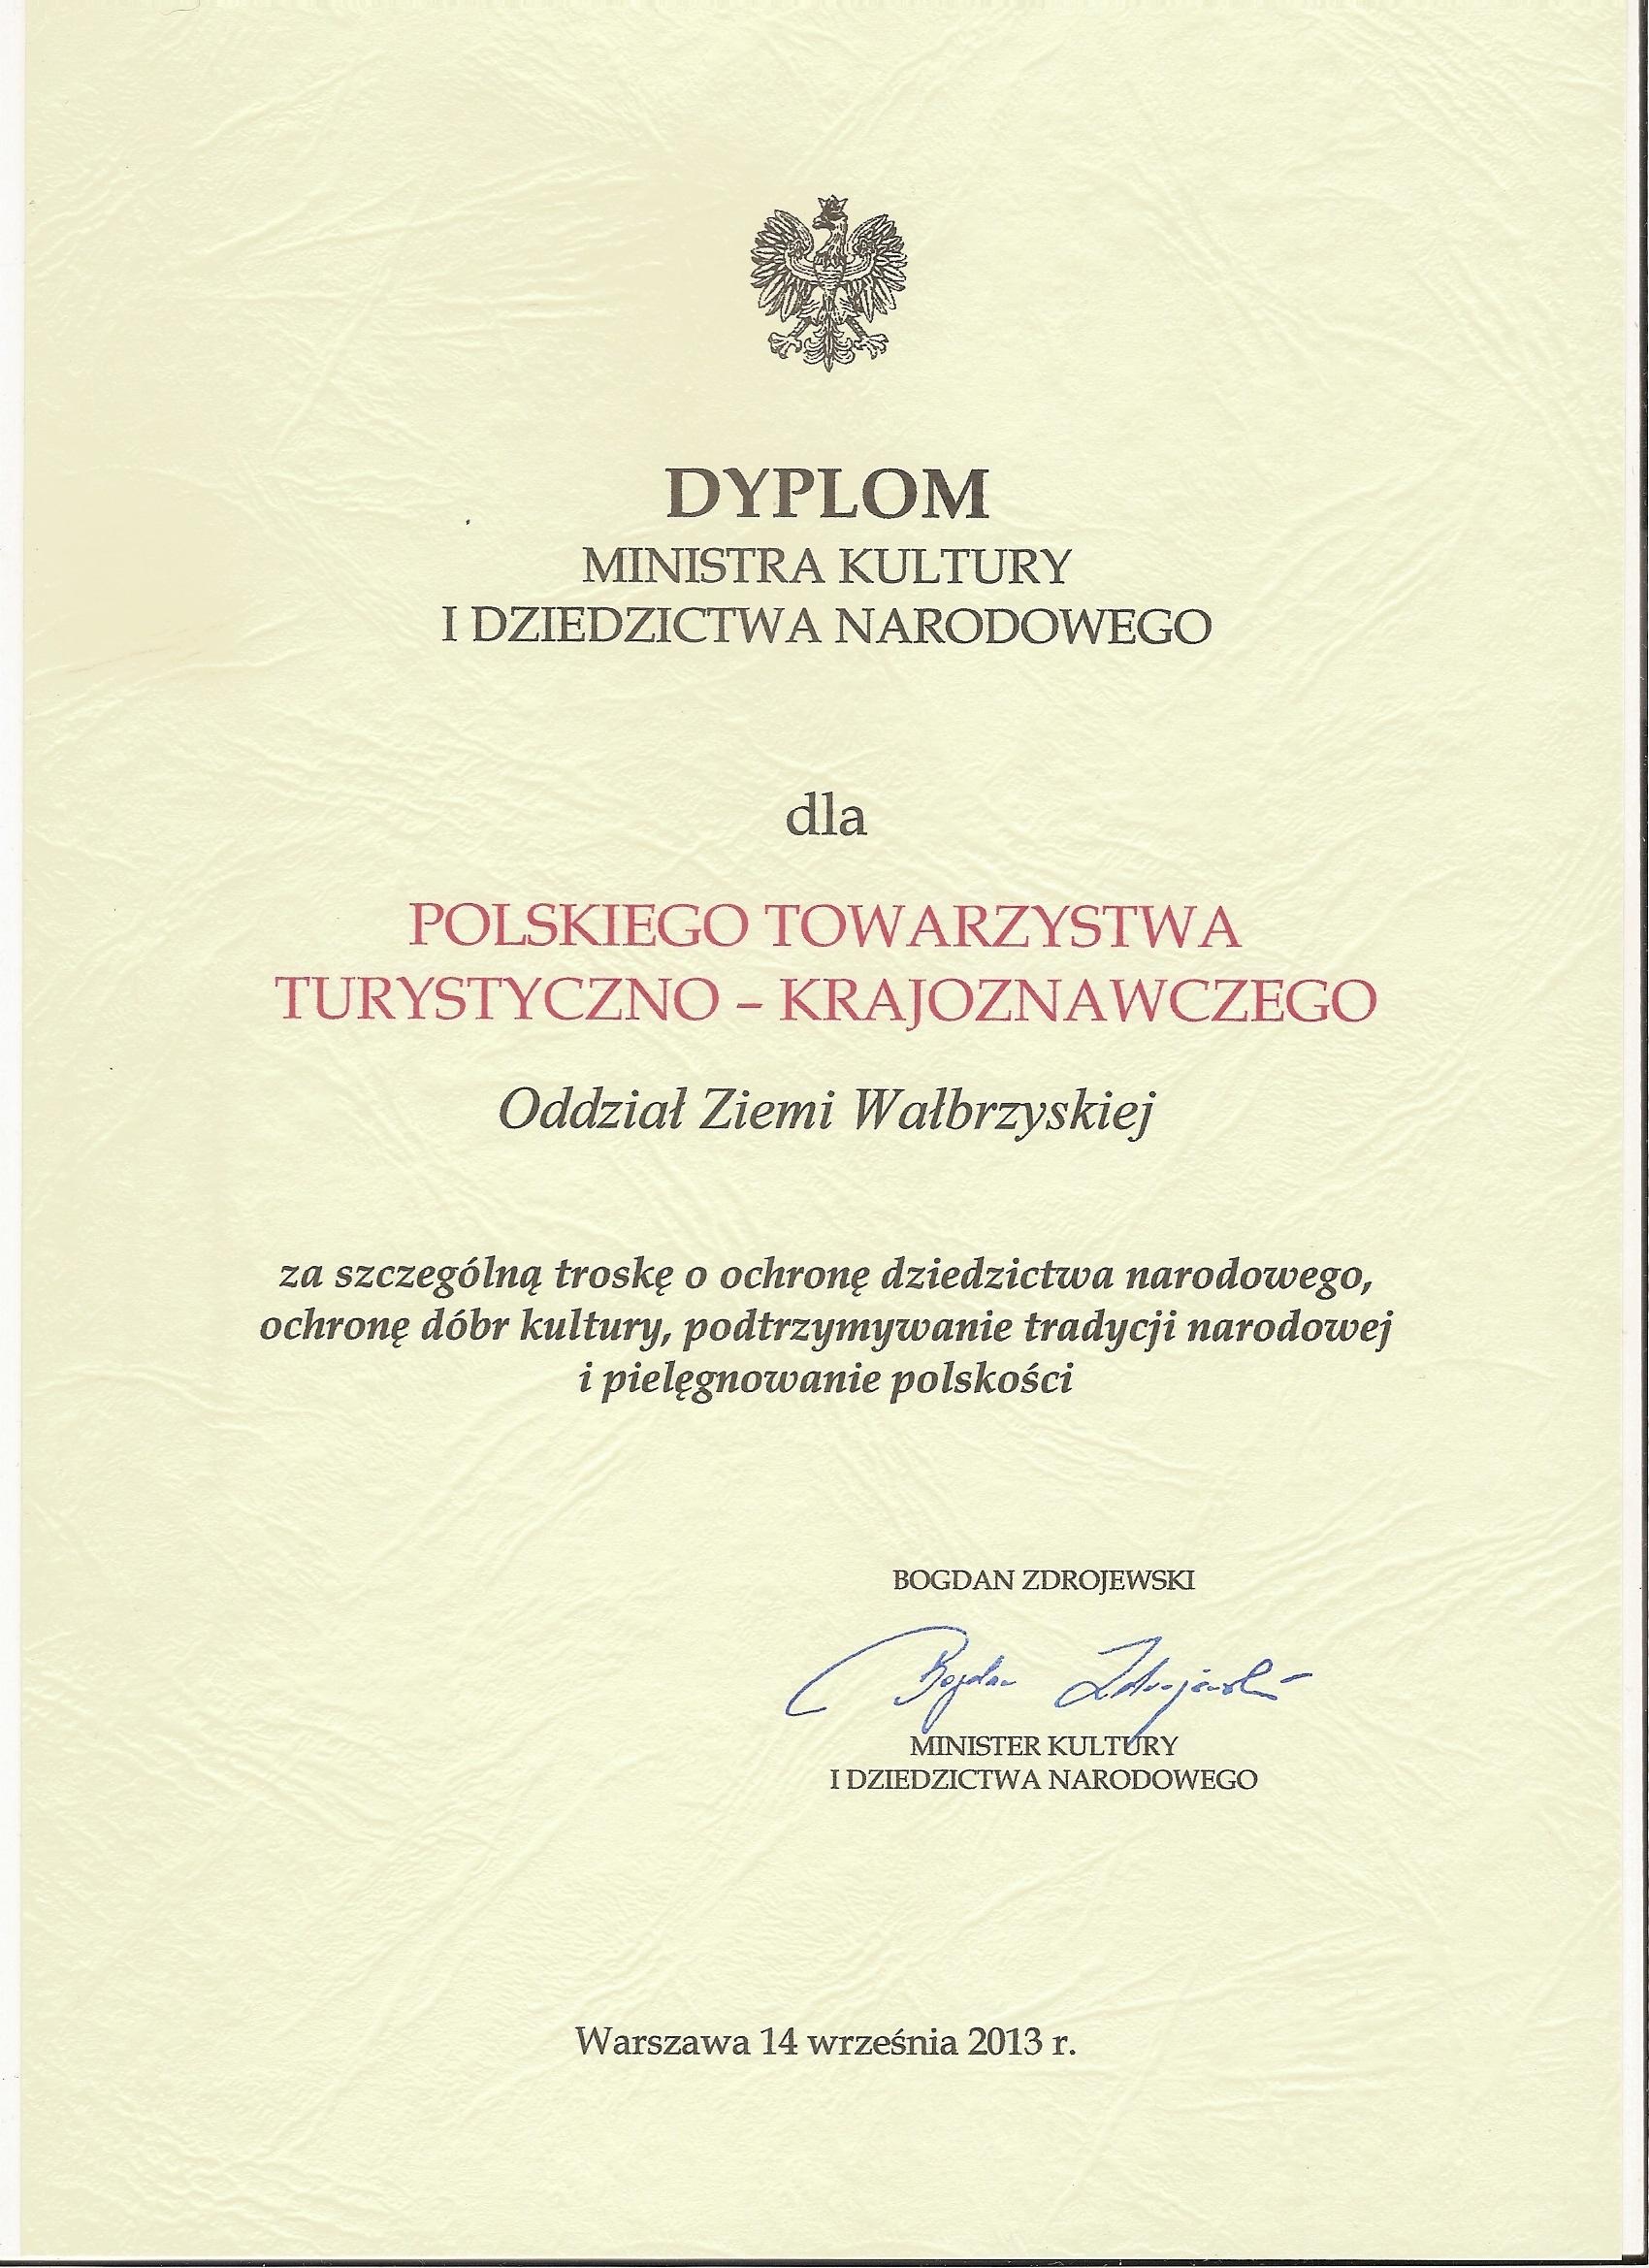 Dyplom Ministra Kultury i Dziedzictwa Narodowego